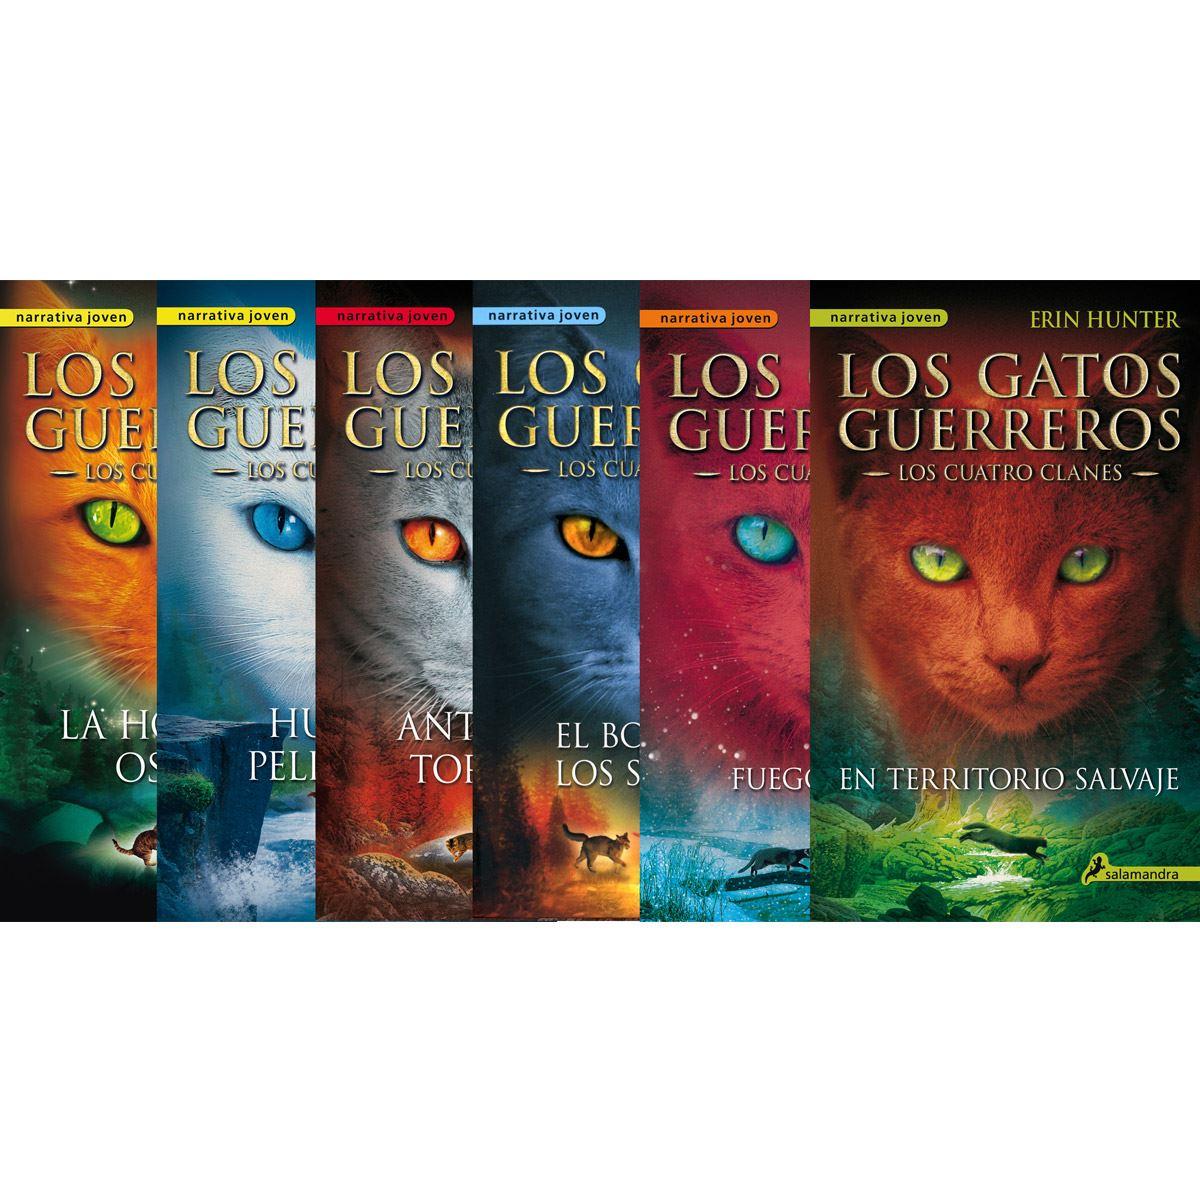 Saga Los Gatos Guerreros Cuatro Clanes Paquete 6 Vol